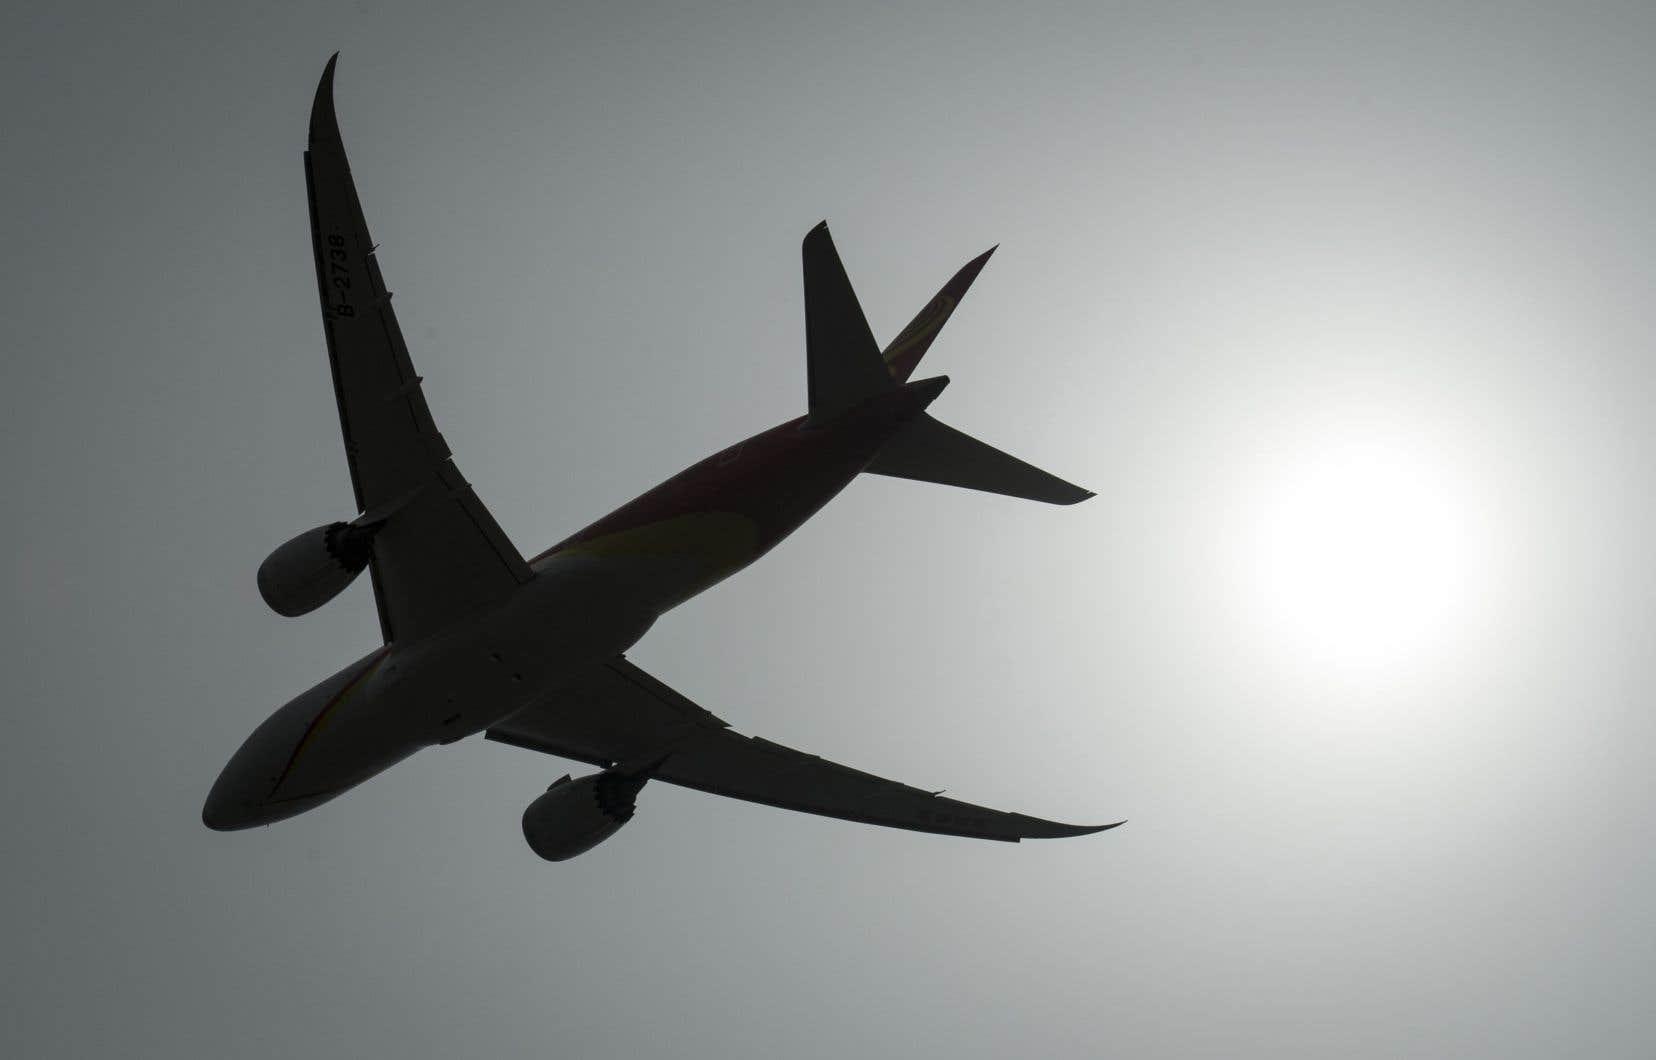 La charte des passagers aériens vise à renforcer l'indemnisation des voyageurs soumis à des retards de vol et à des bagages endommagés.